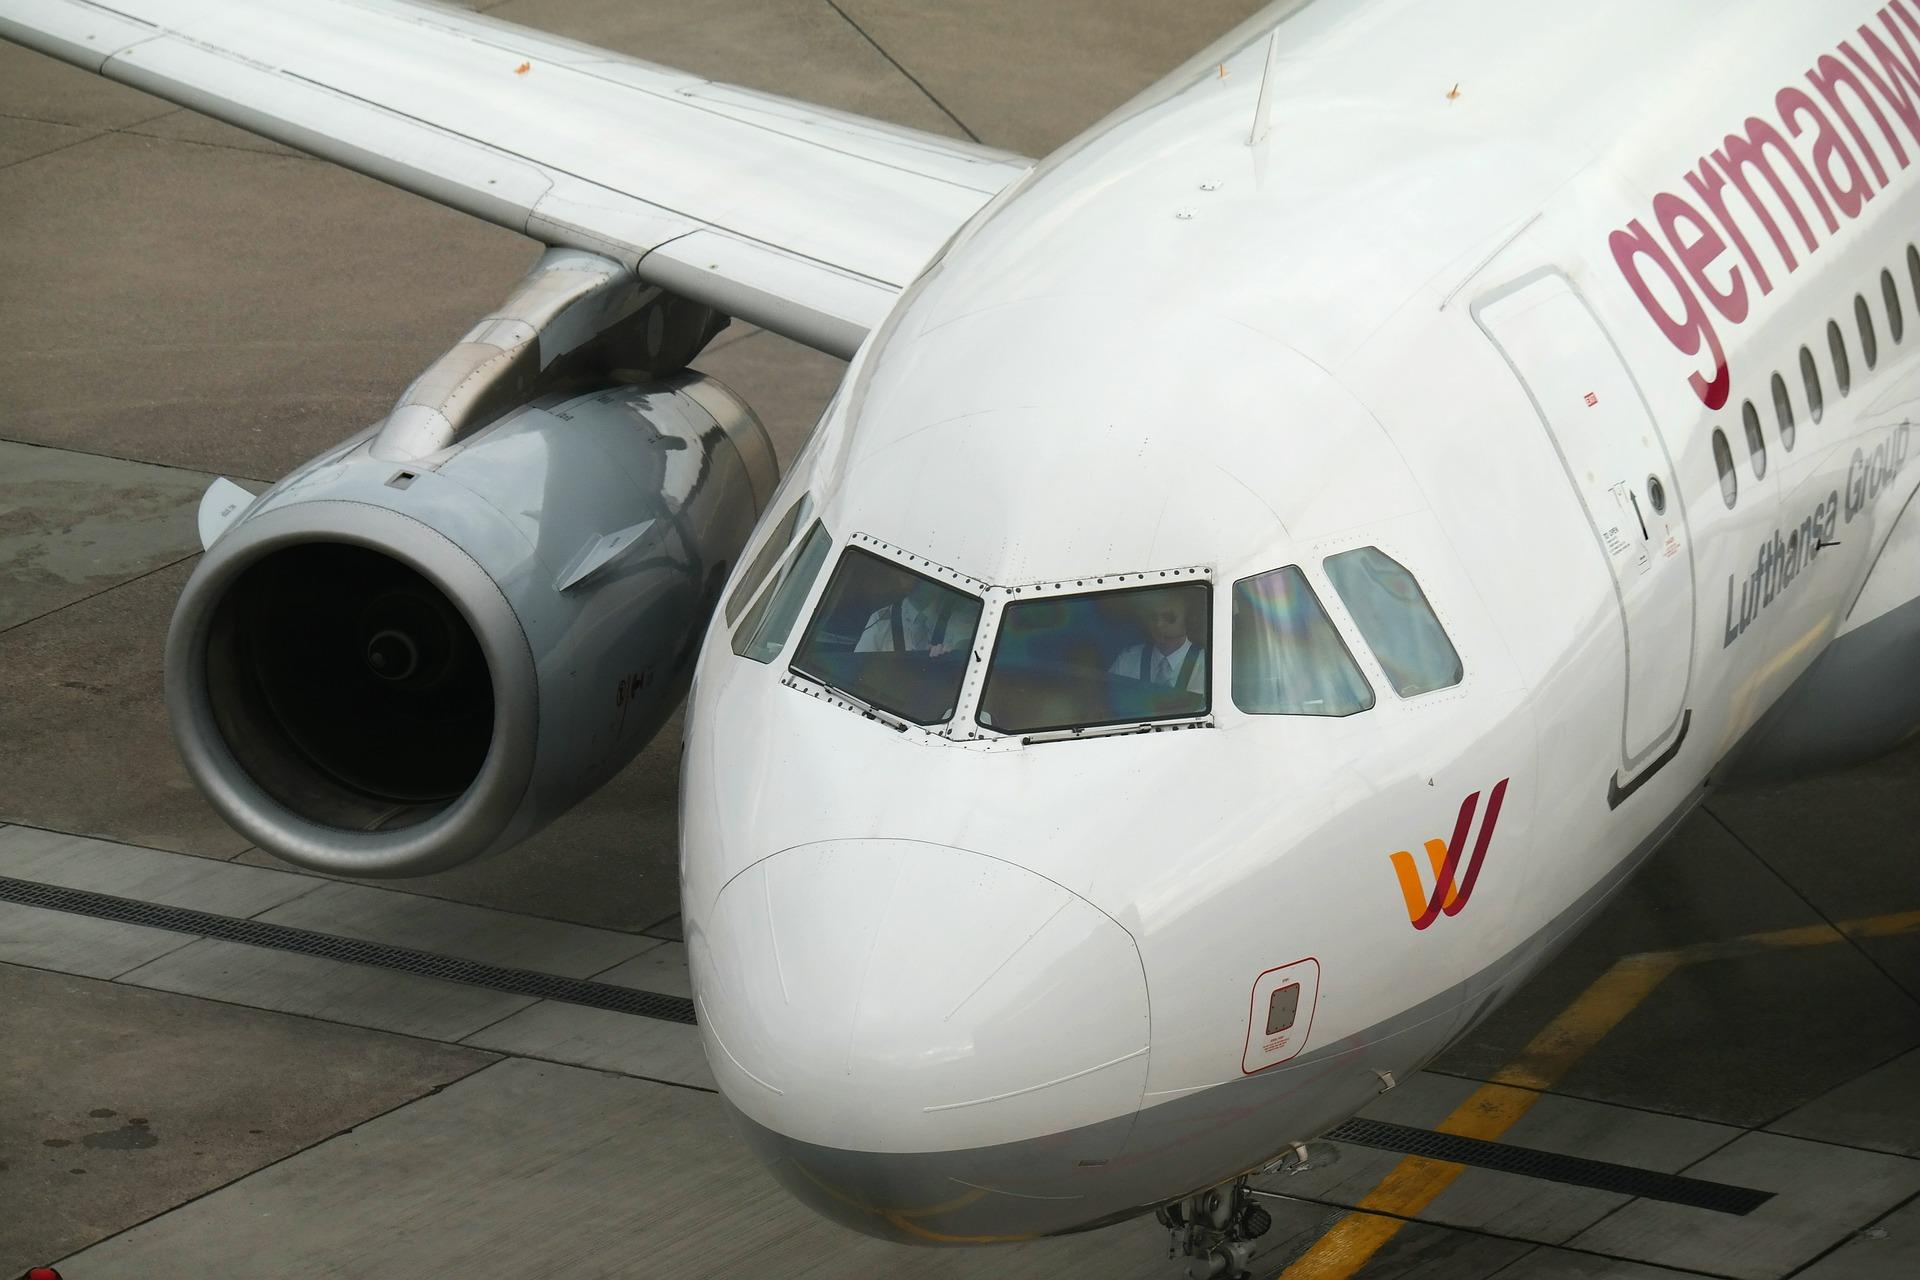 Germanwings Crash Suits Belong in Germany